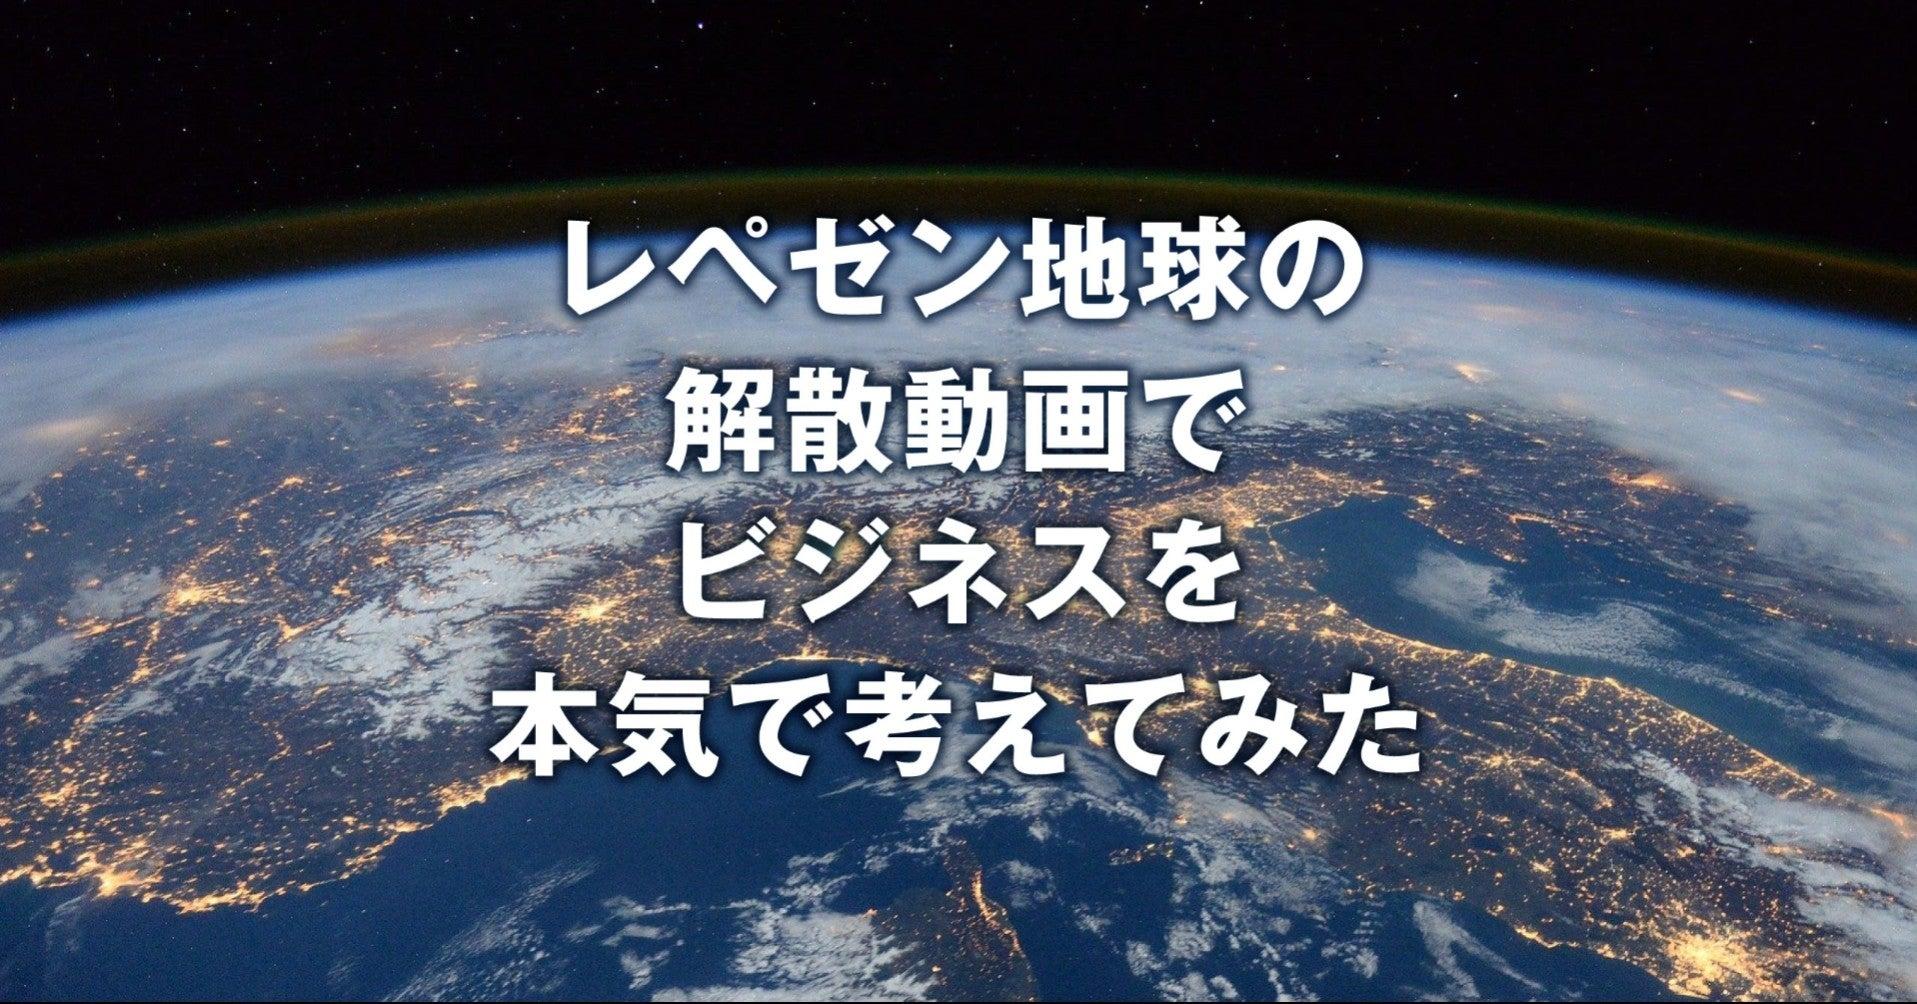 地球 借金 レペゼン